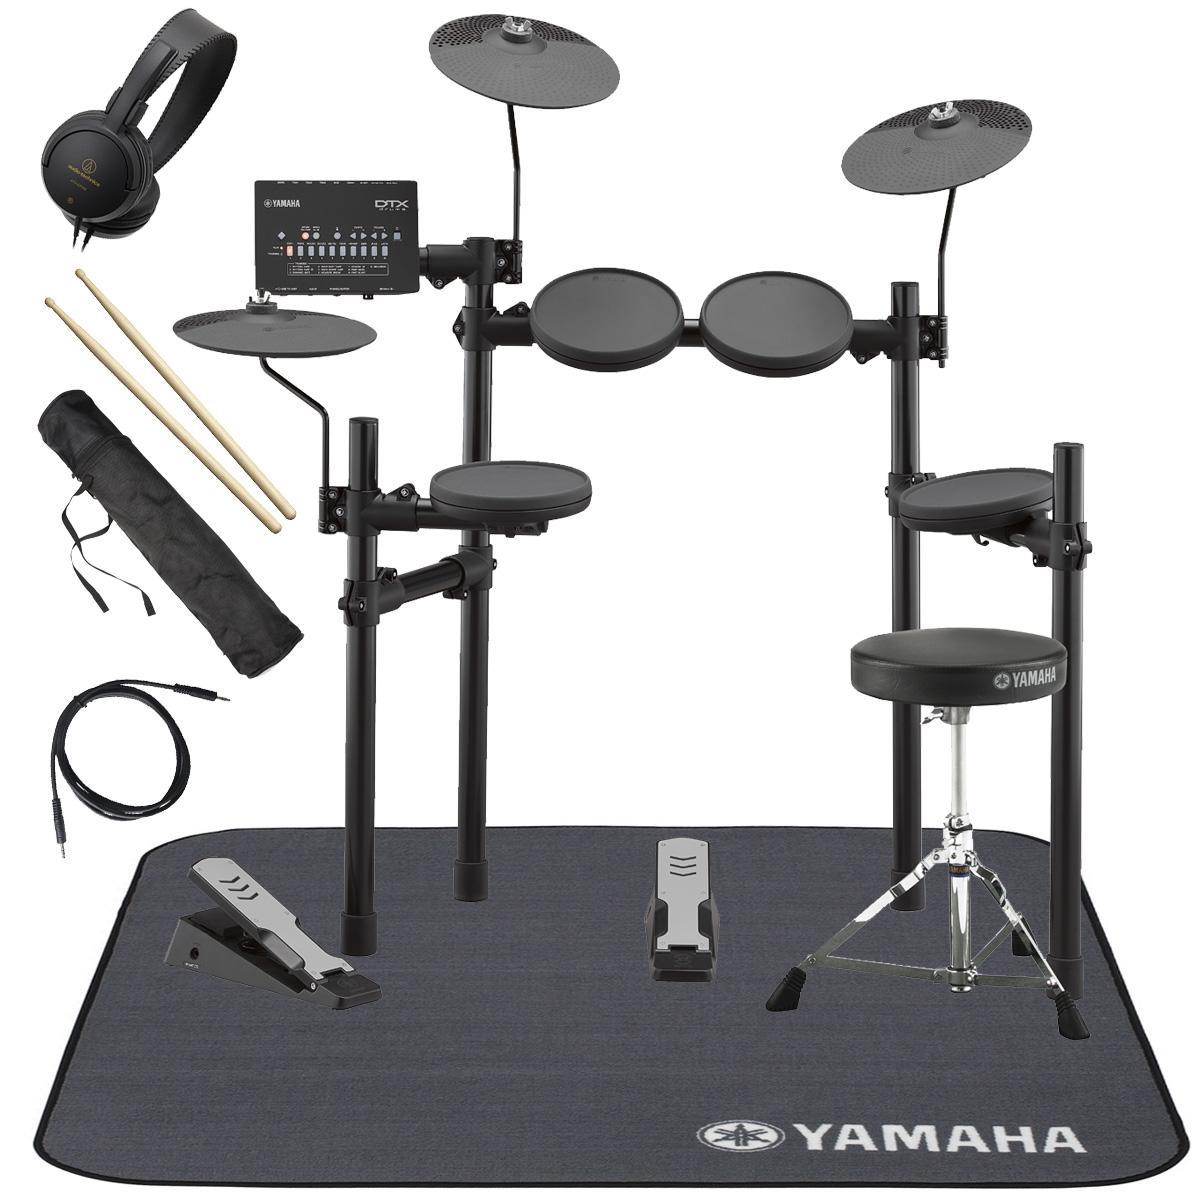 YAMAHA / DTX402KS 電子ドラム 純正マット付き オリジナルスターターパック【YRK】